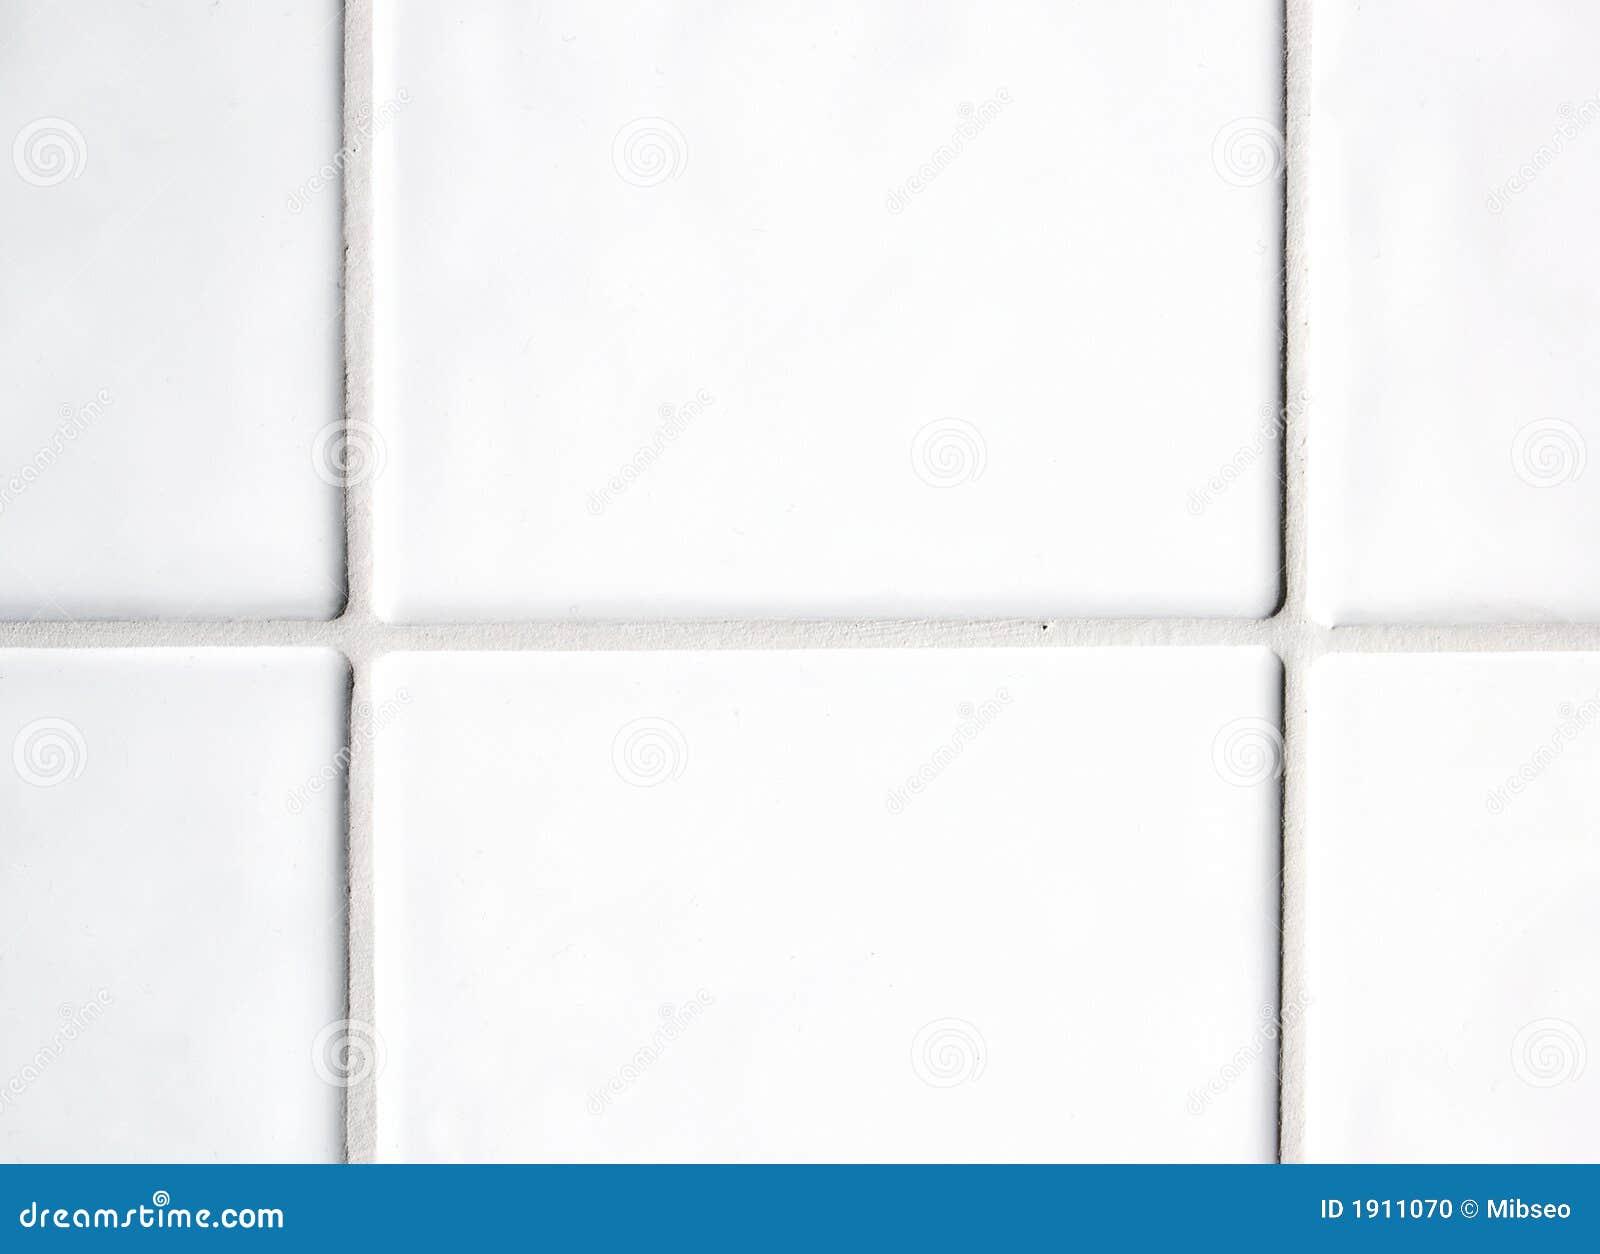 Azulejos blancos foto de archivo imagen de edificio - Azulejos blancos ...